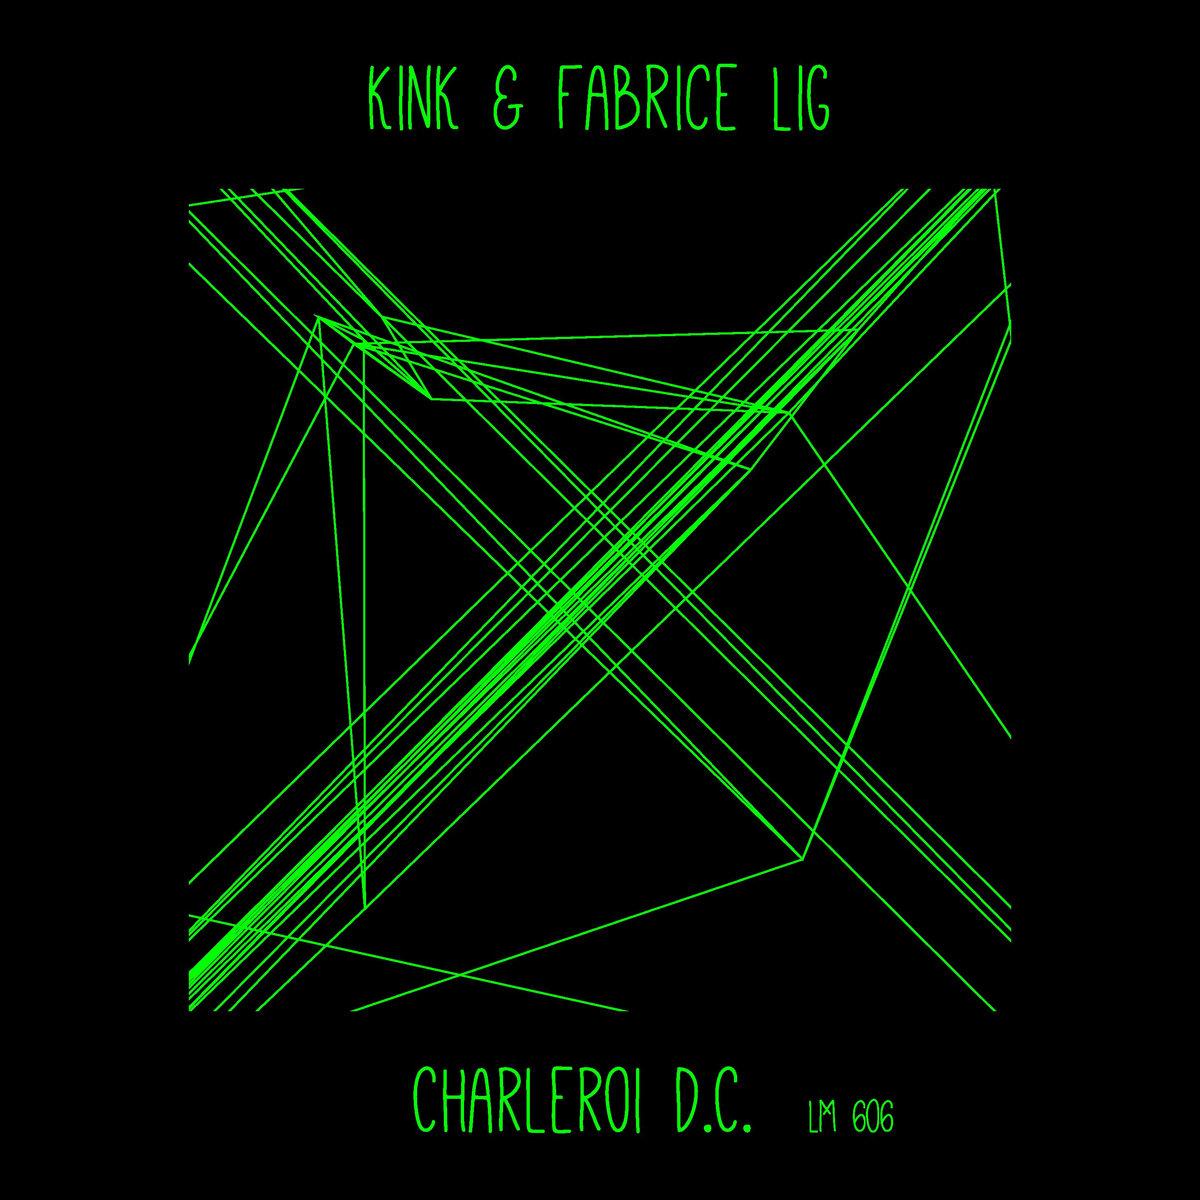 Kink C